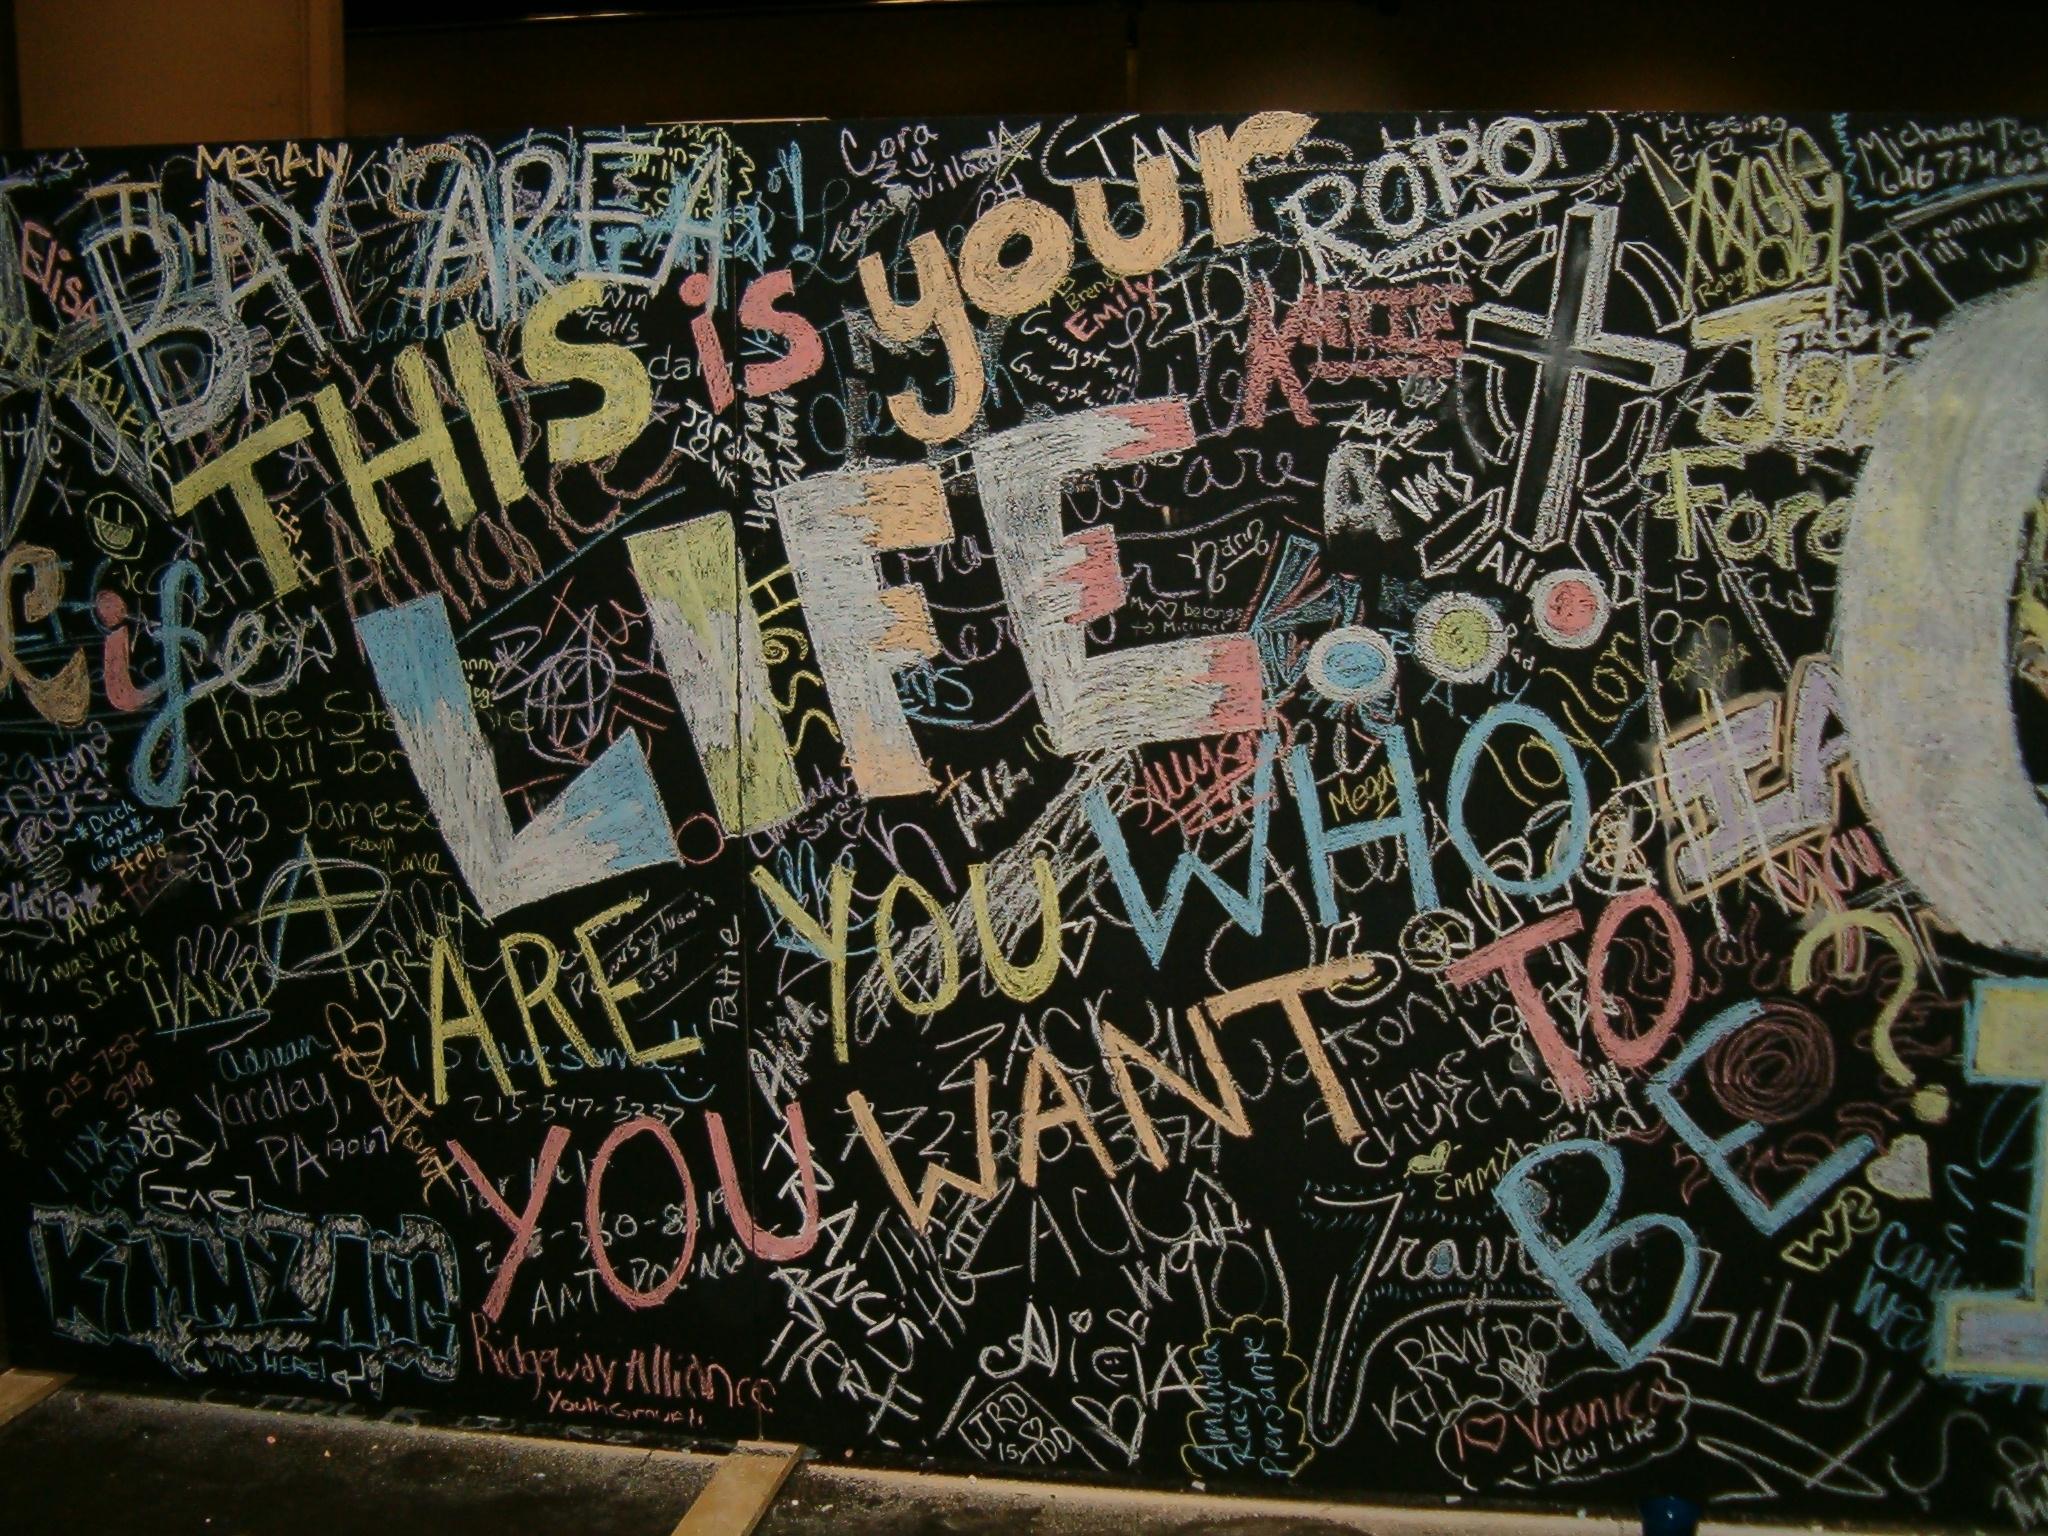 55 Chalkboard Wall Art, Chalkboard Wall Kitchen , Chalkboard Wall within Chalkboard Wall Art (Image 3 of 20)